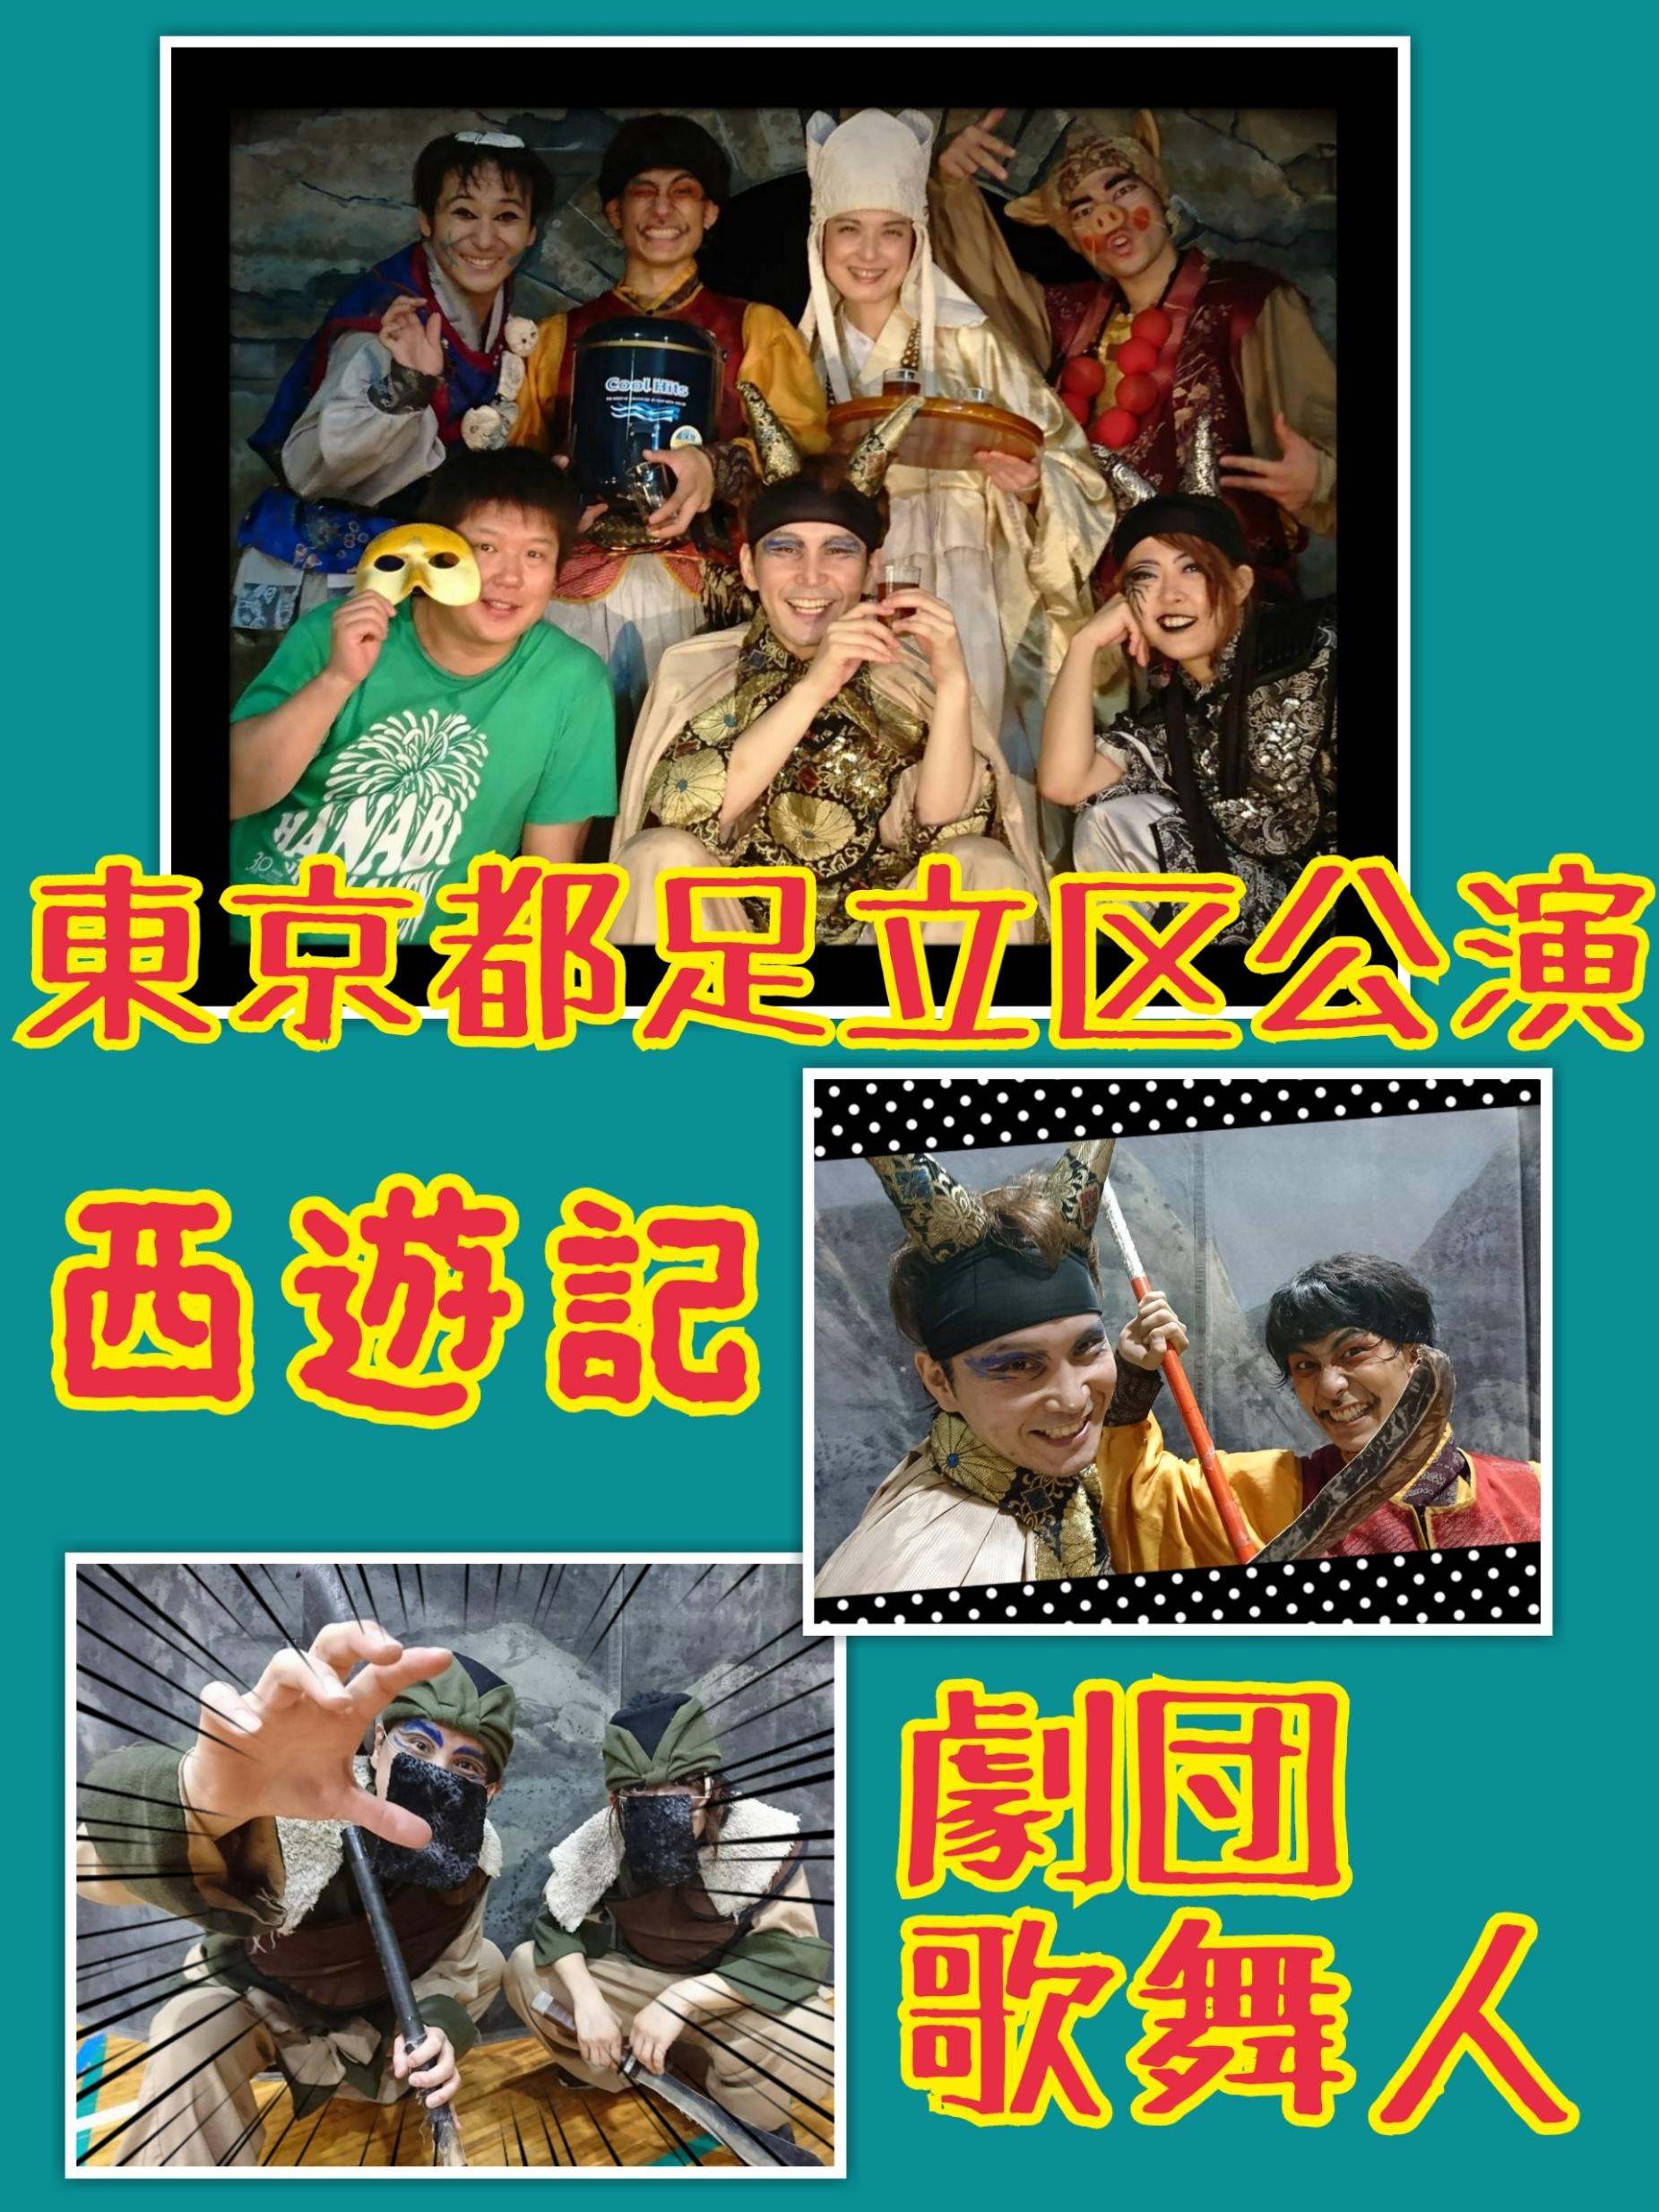 moblog_4eae4219.jpg